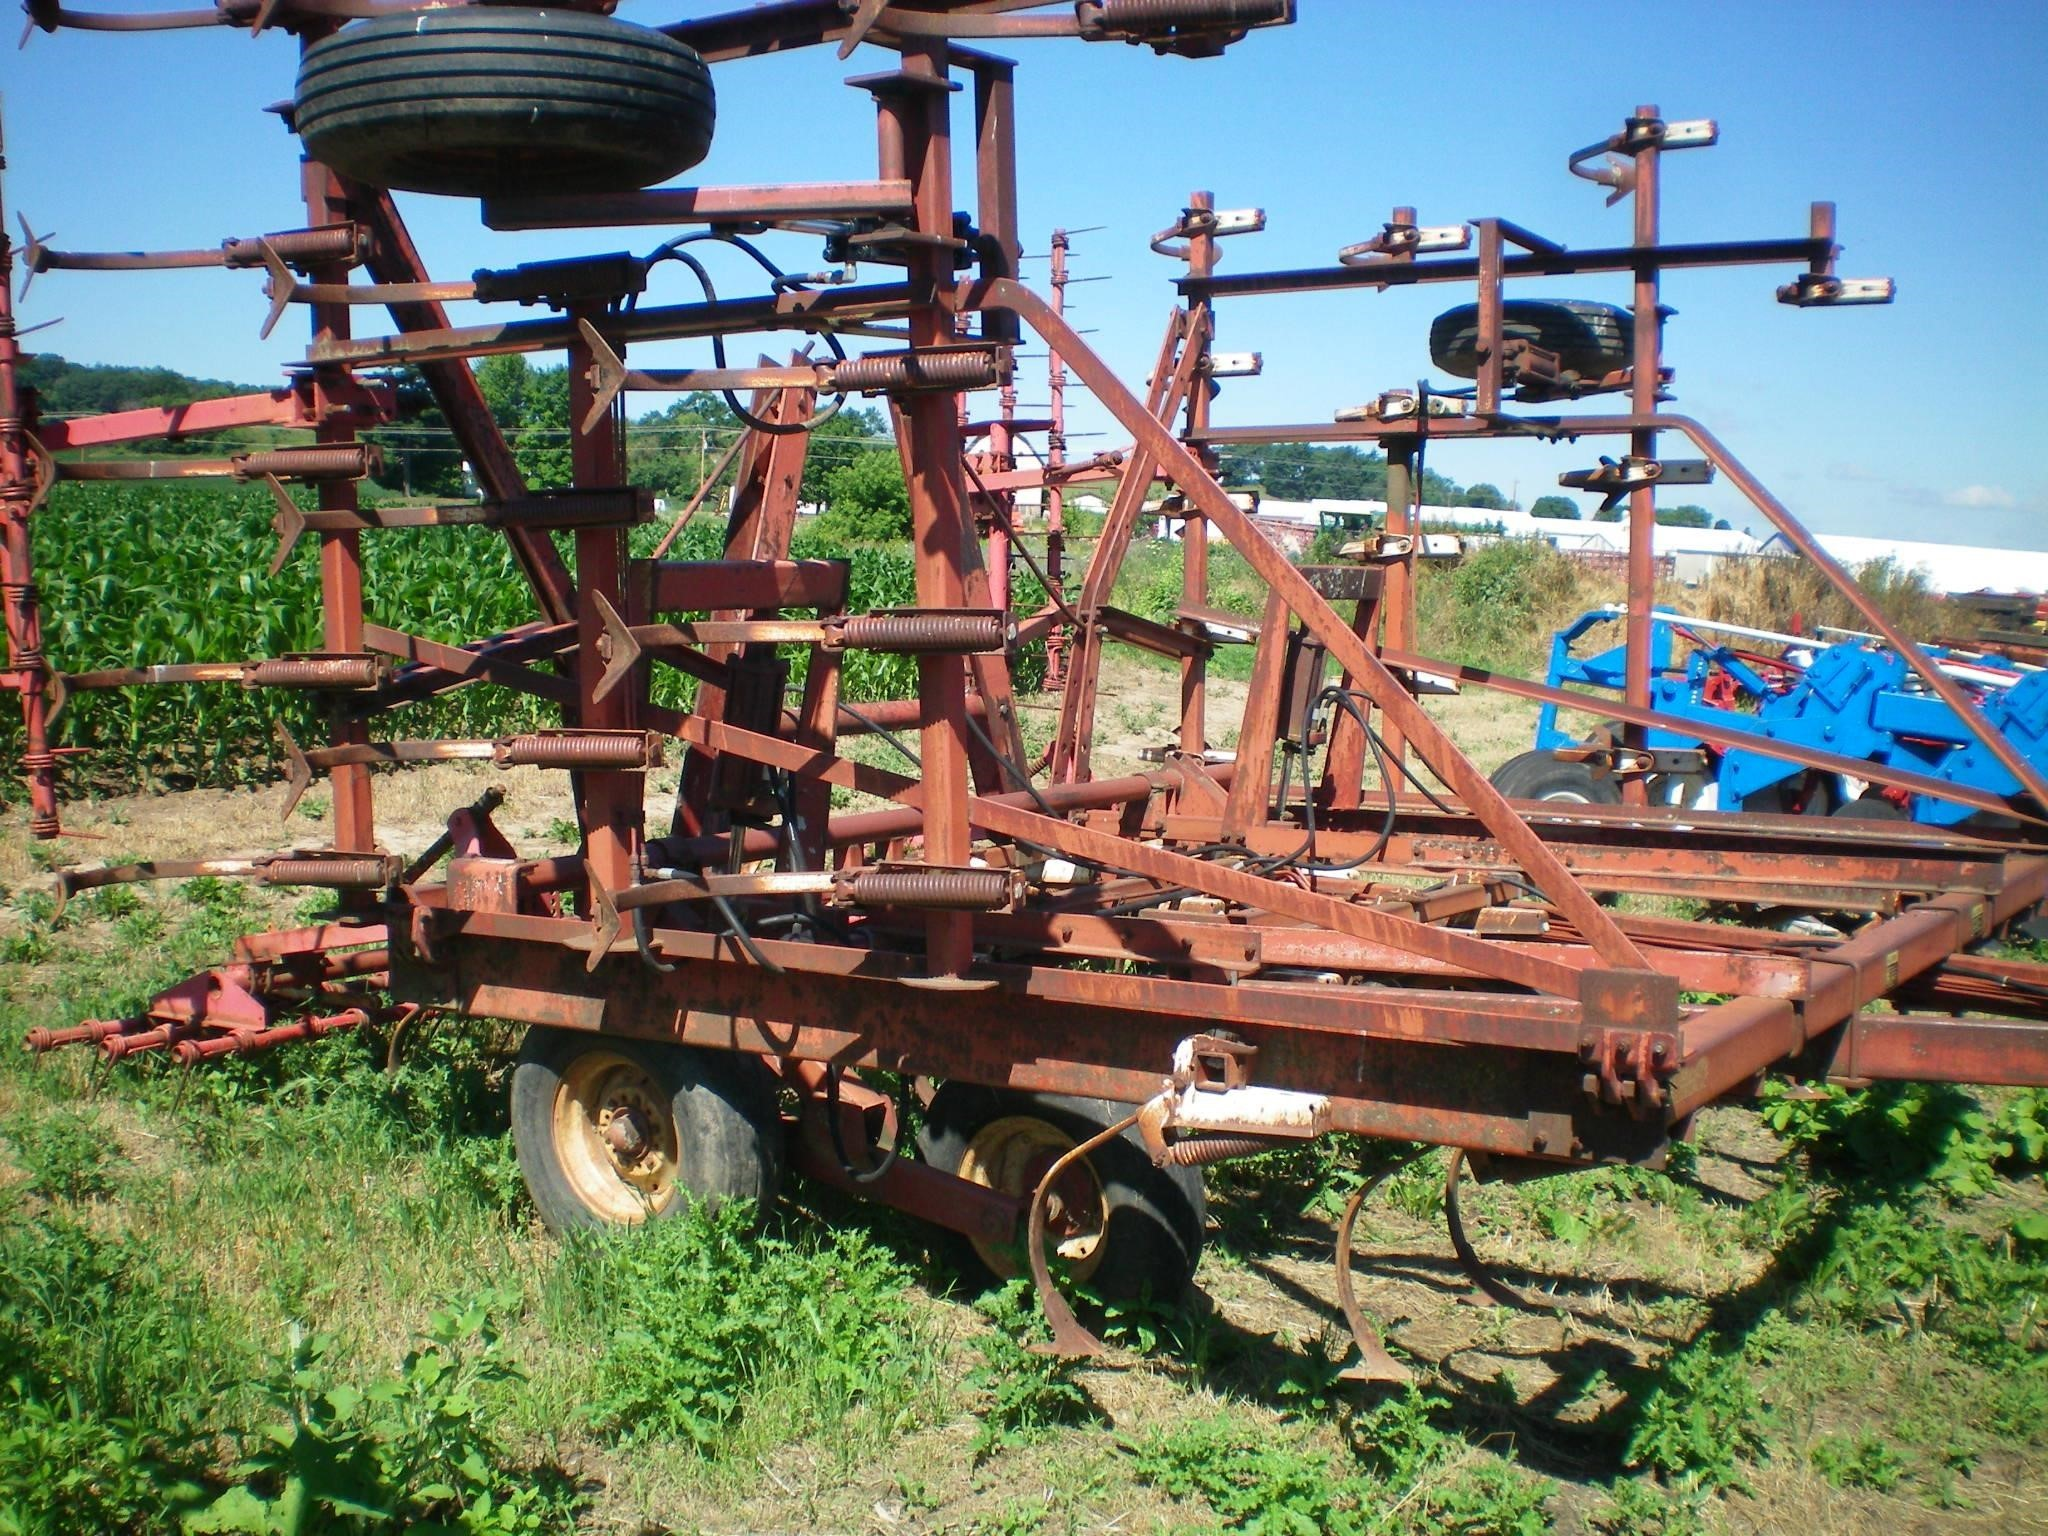 International Harvester 45 Field Cultivator